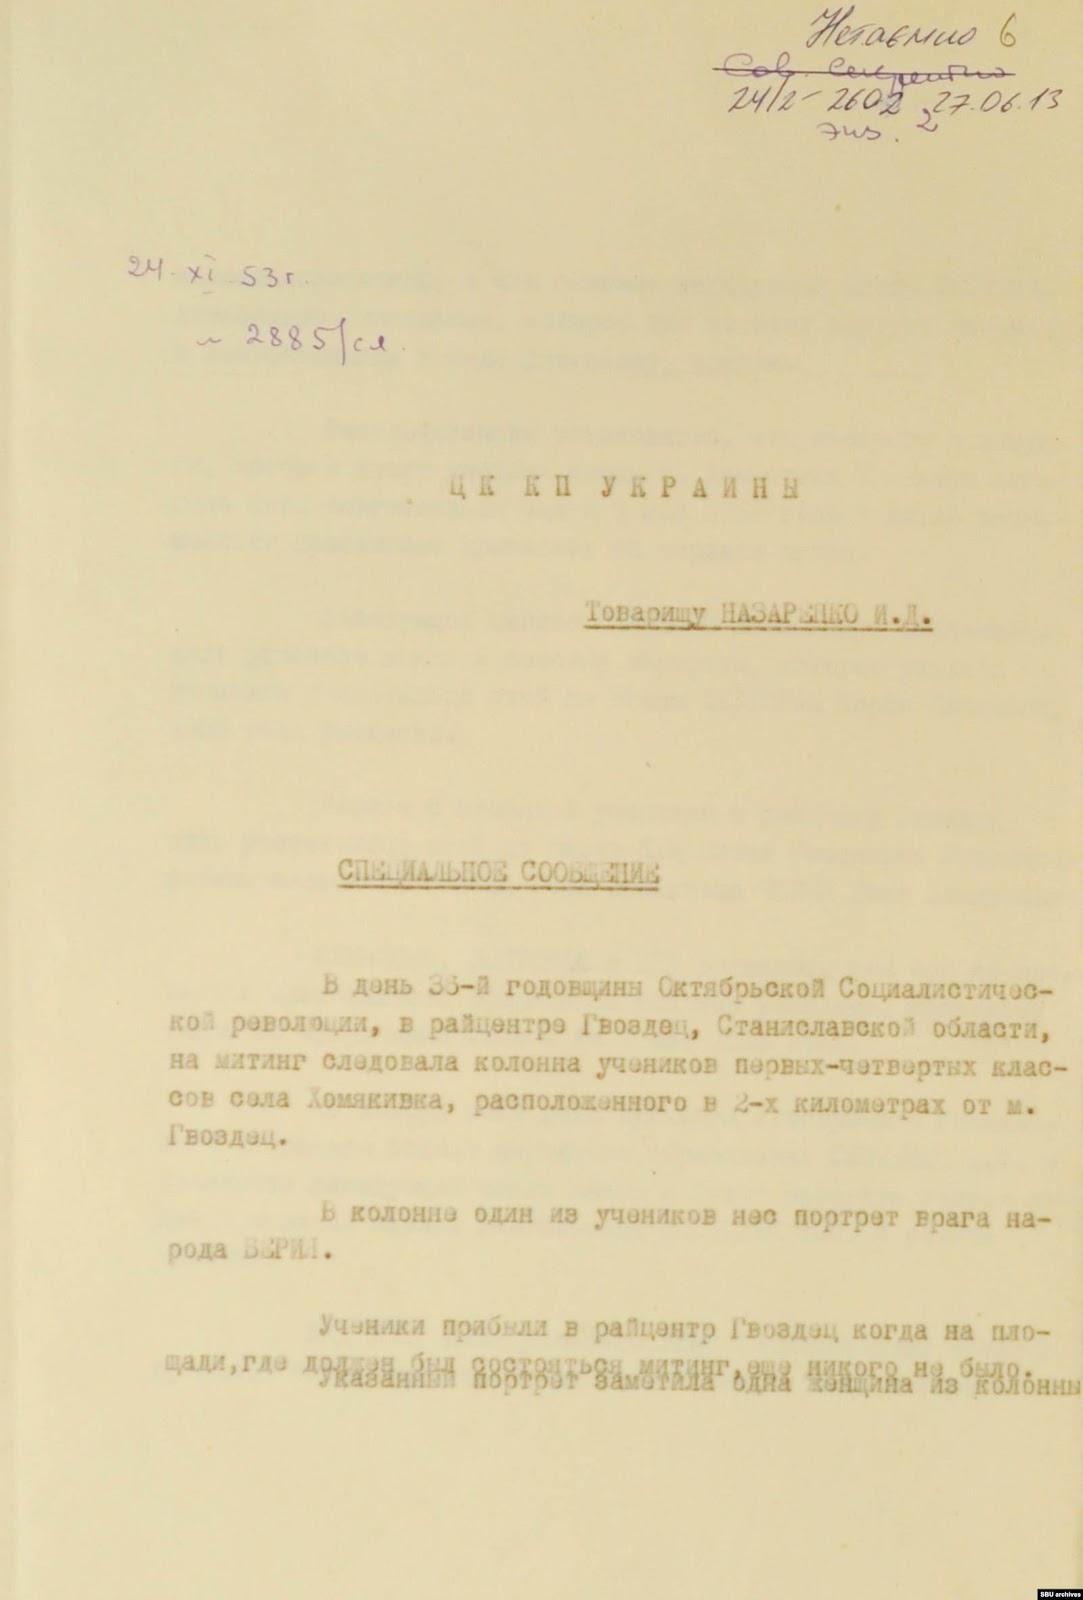 Справка, подготовленная для Центрального комитета Компартии Украины главой МВД УССР Тимофеем Строкачем